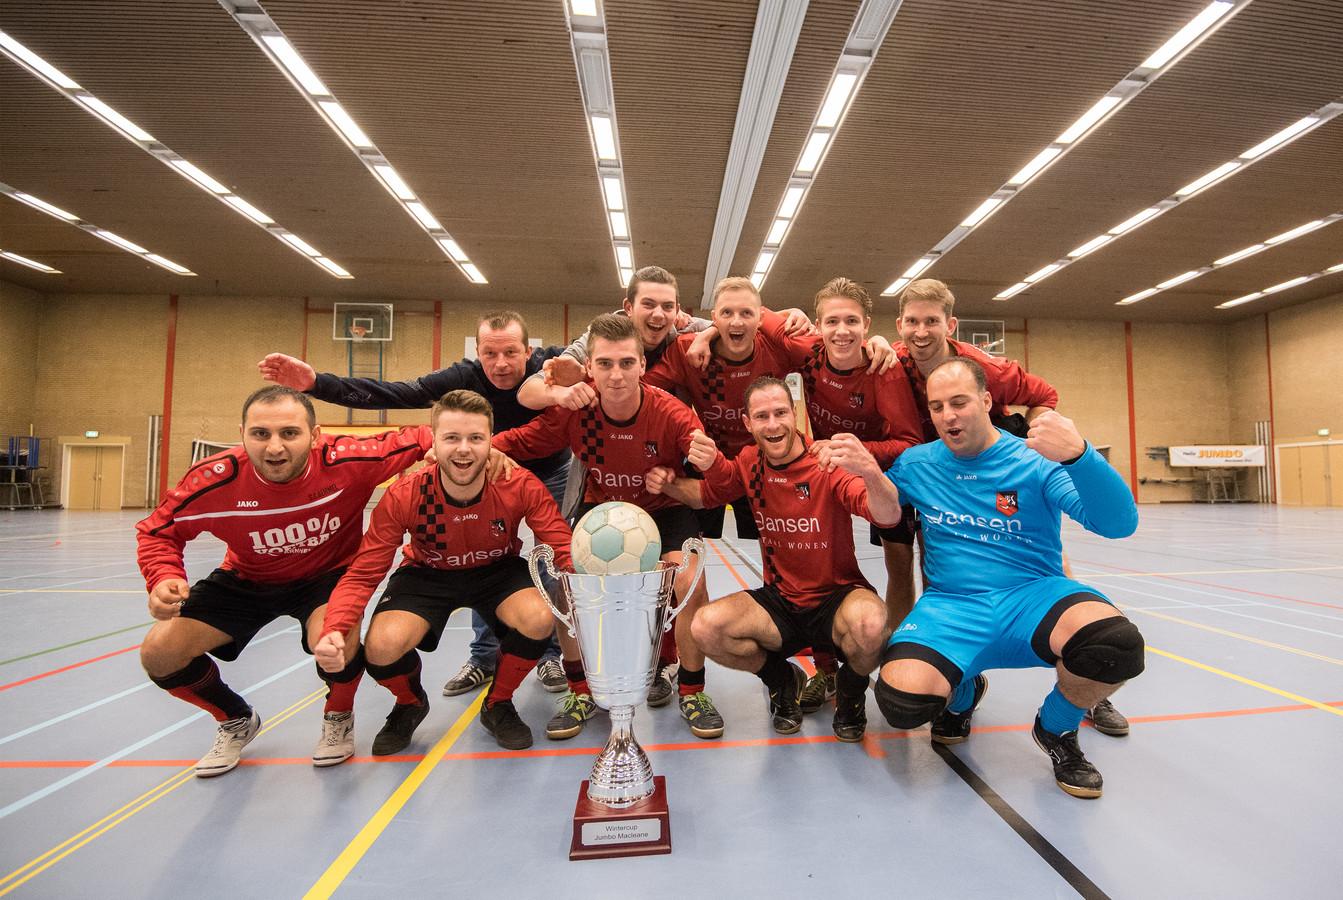 De Betuwe kent al een 'wild toernooi': de jaarlijkse Wintercup in Elst, hoewel de laatste editie niet doorging. Dit is de laatste winnaar: SC Bemmel.